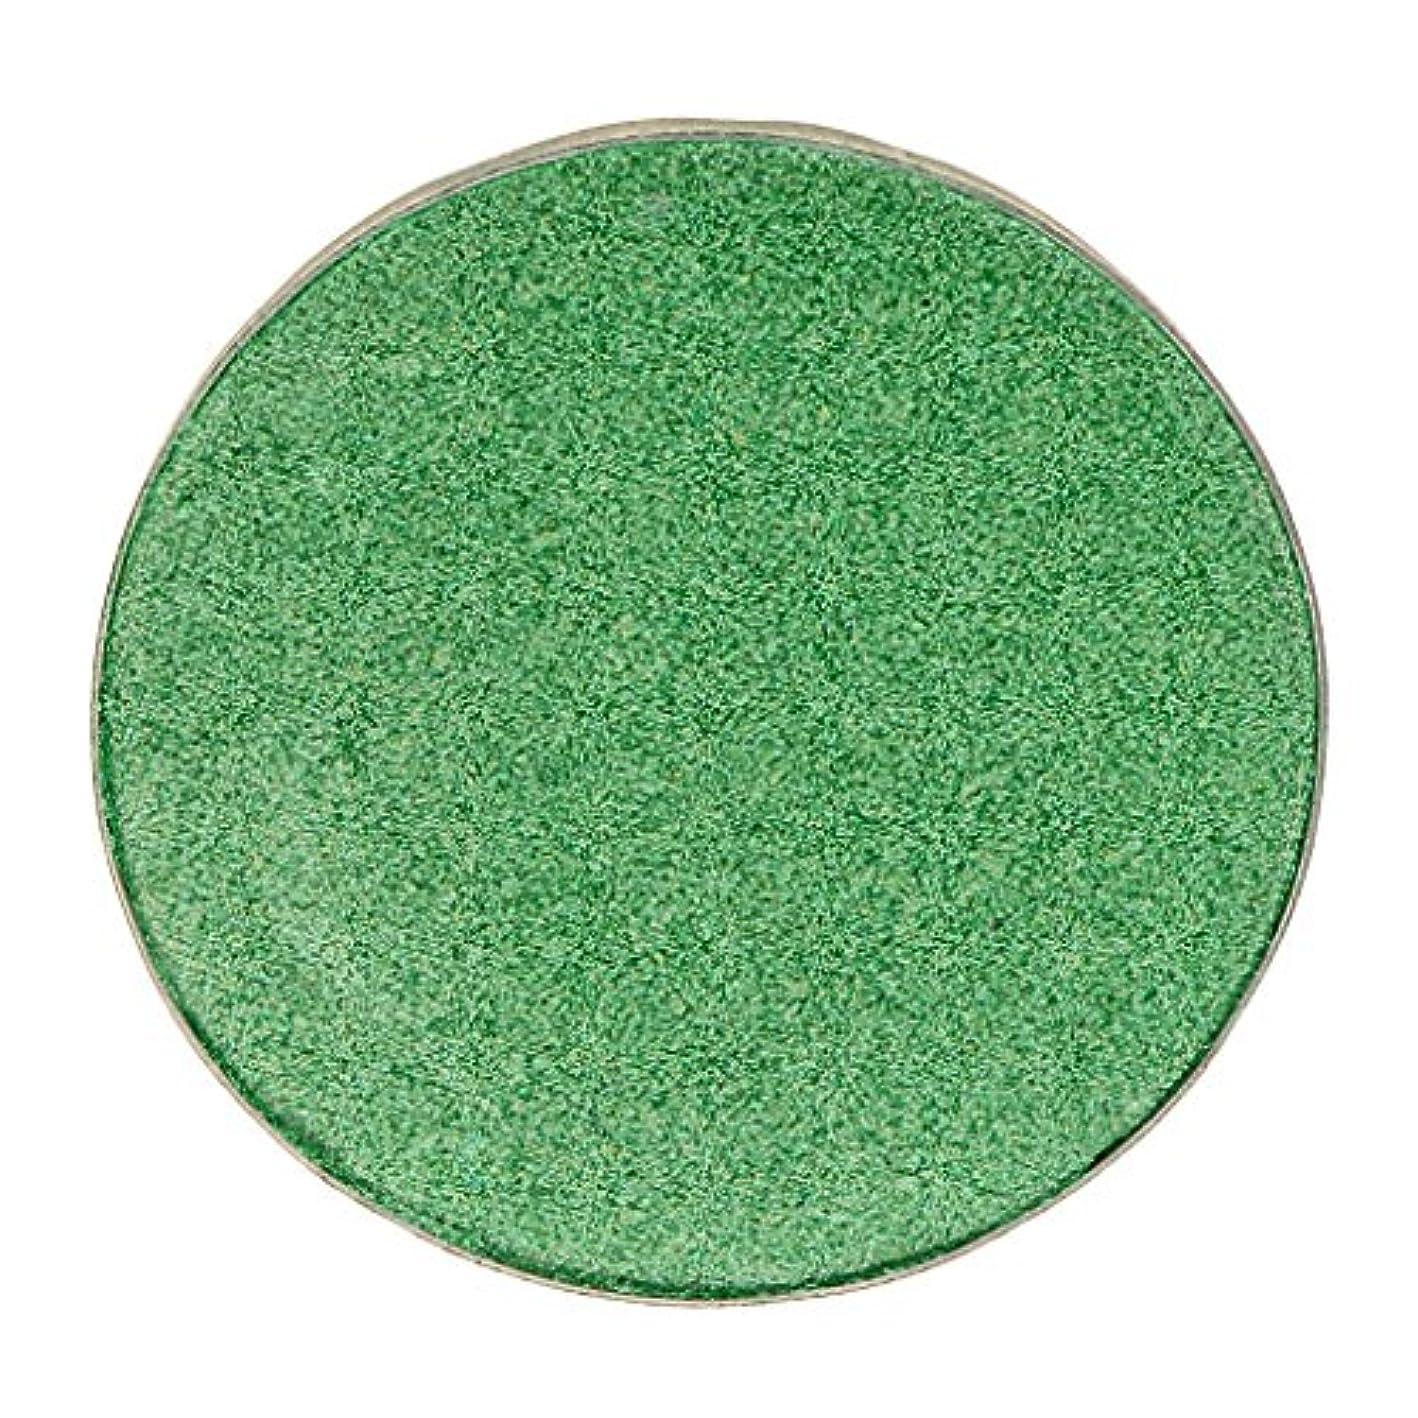 引き潮健全遠いSONONIA 化粧品用 アイシャドウ ハイライター パレット マット シマー アイシャドーメイク 結婚式 パーティー 全5色 - #38グリーン